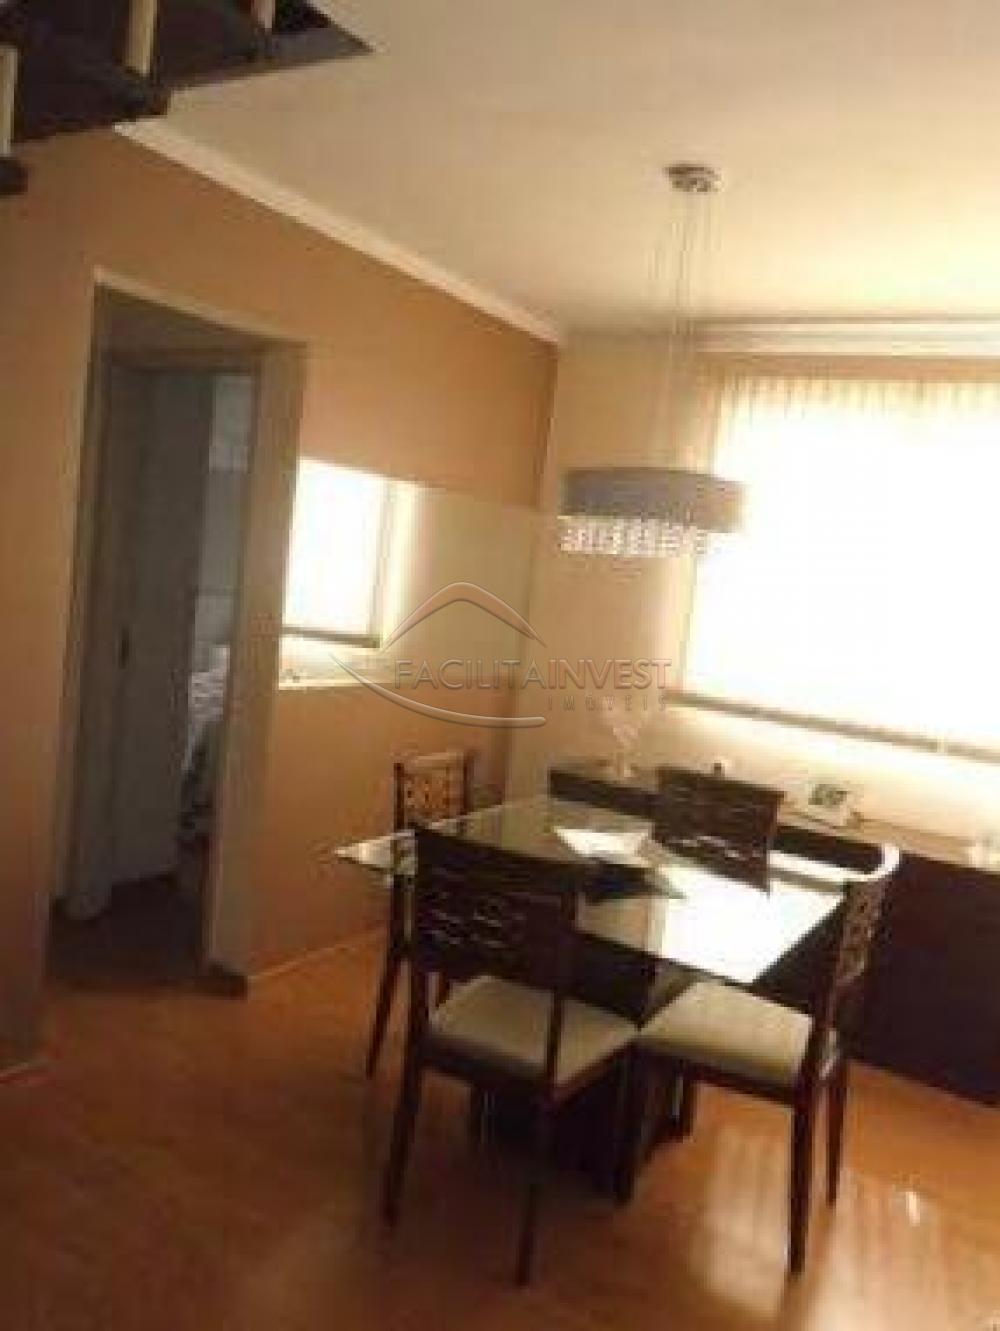 Comprar Apartamentos / Apart. Padrão em Ribeirão Preto apenas R$ 245.000,00 - Foto 2